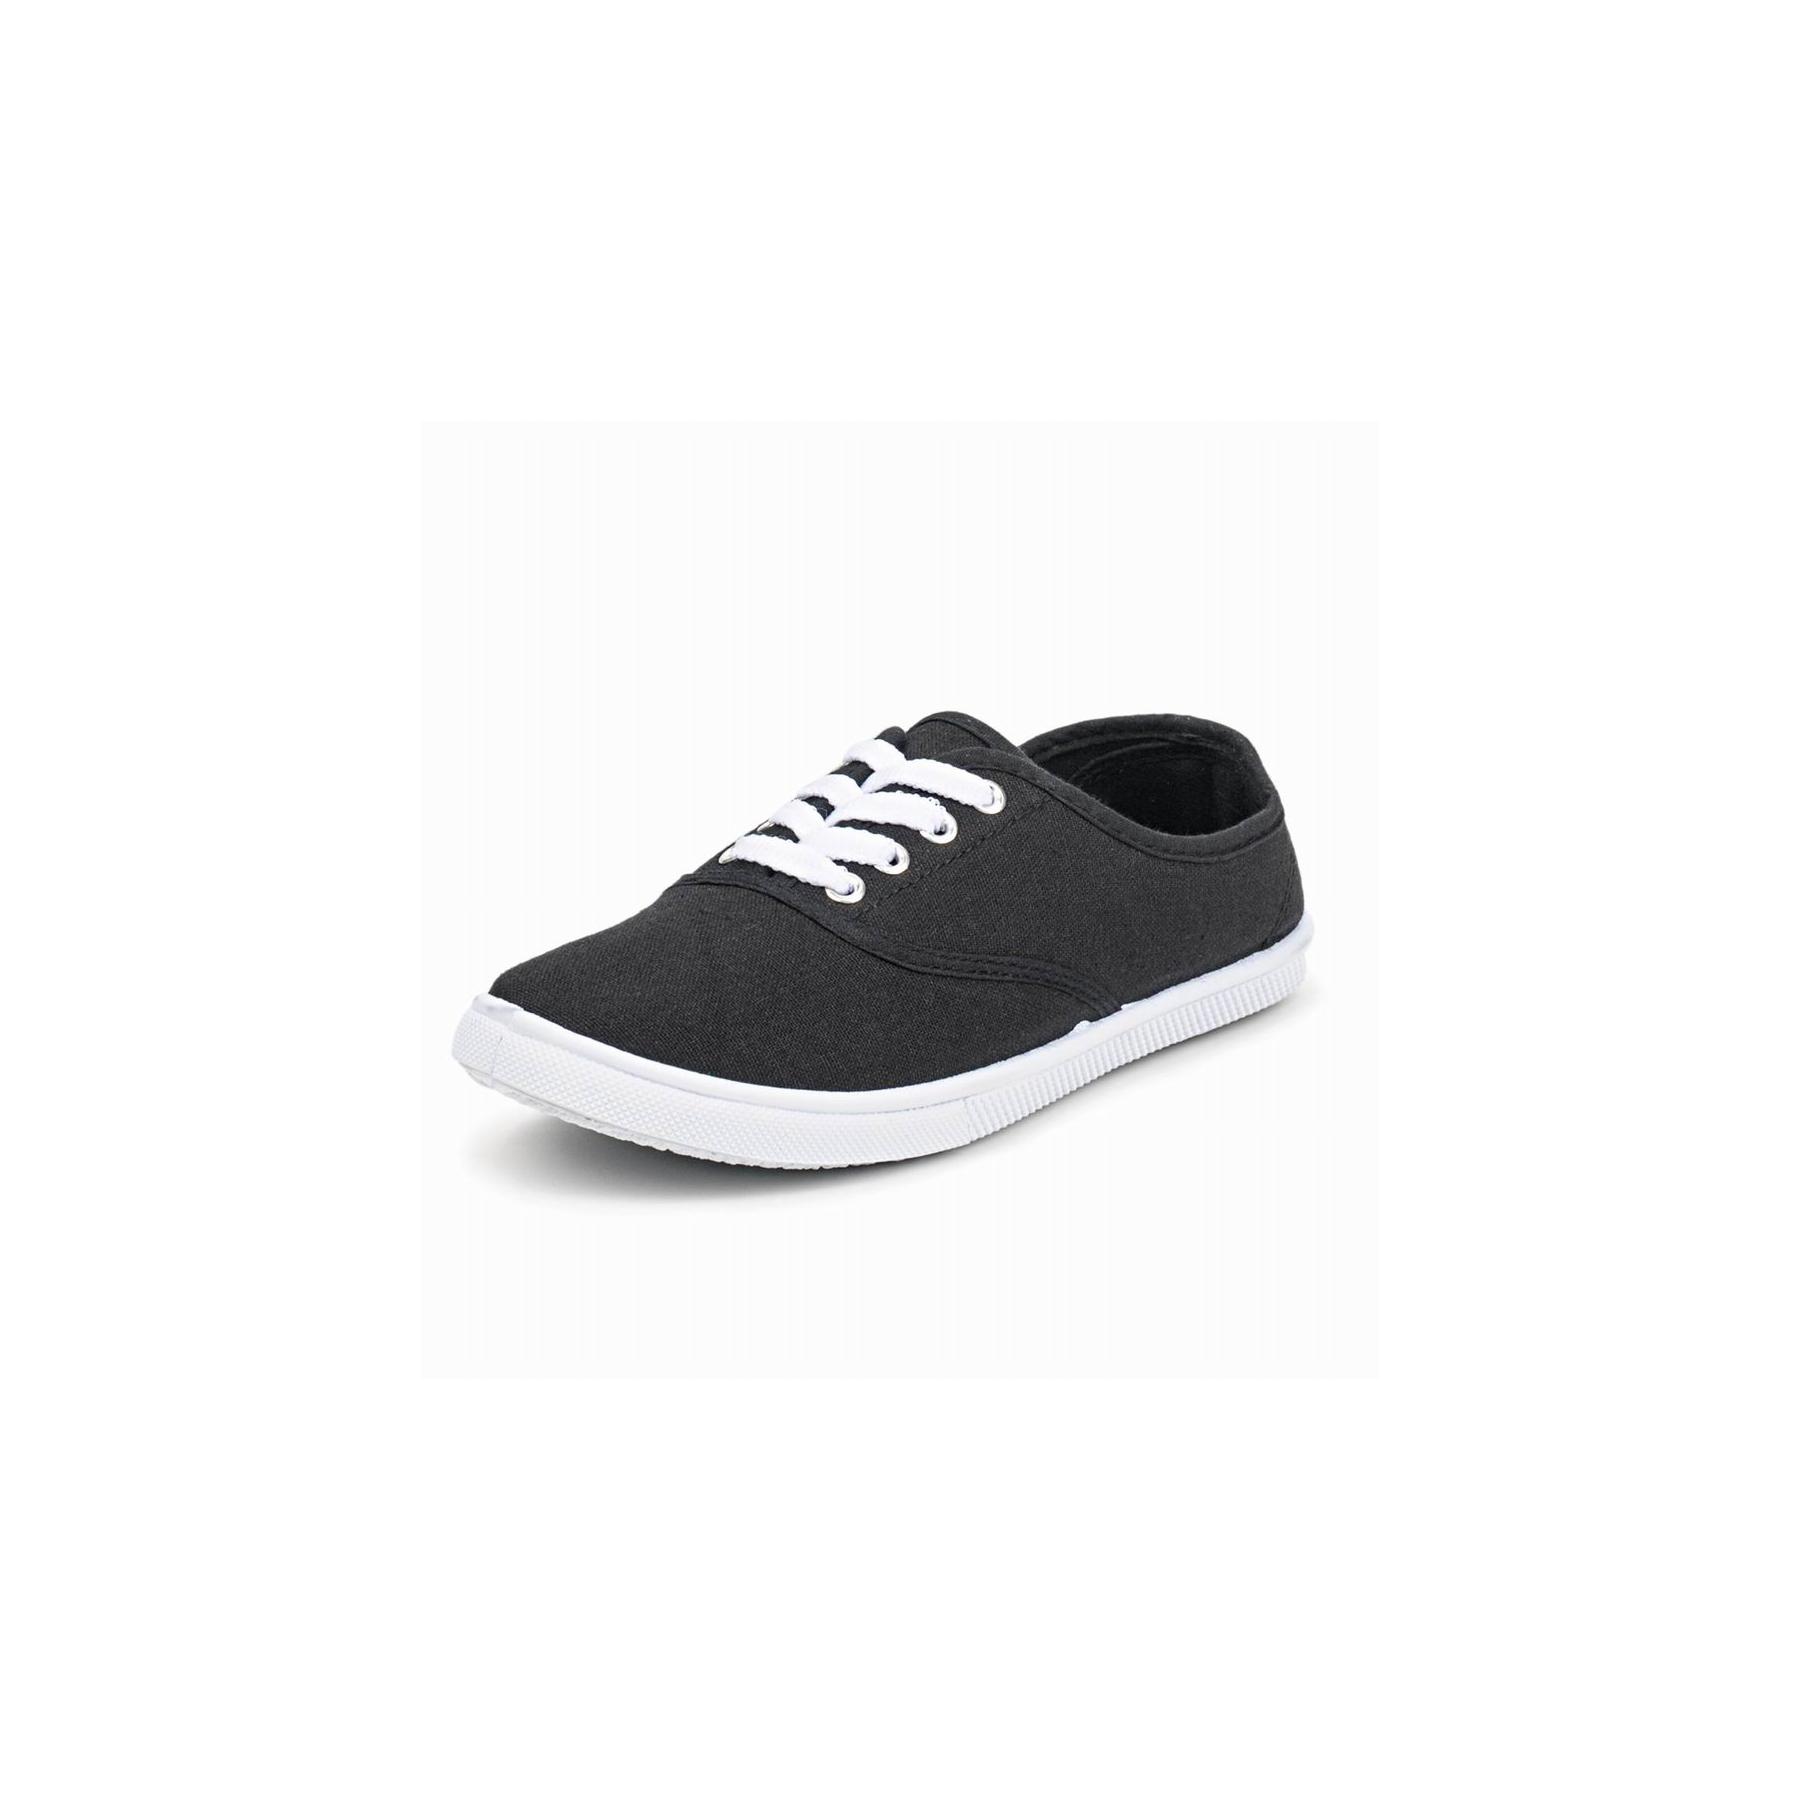 Обувь женская Trien  LGC 9102 черная текстиль р. 37